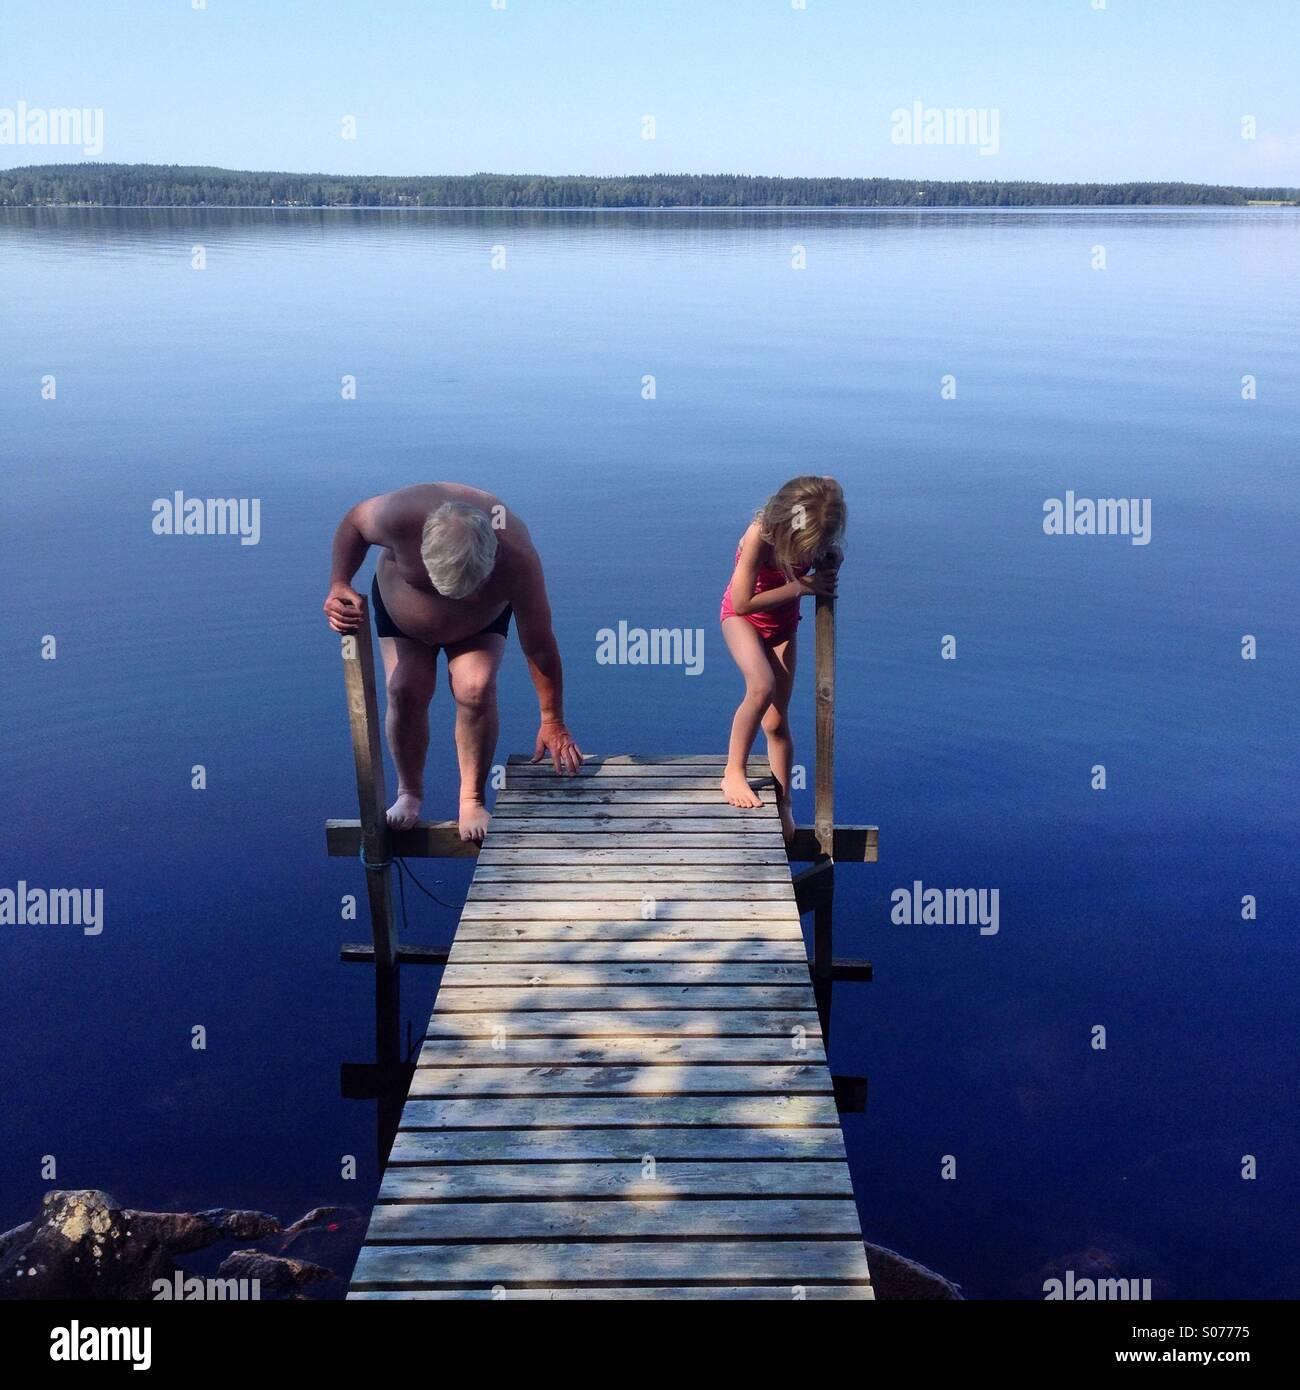 Abuelo y nieta vaya a nadar en un lago nórdicos juntos Imagen De Stock